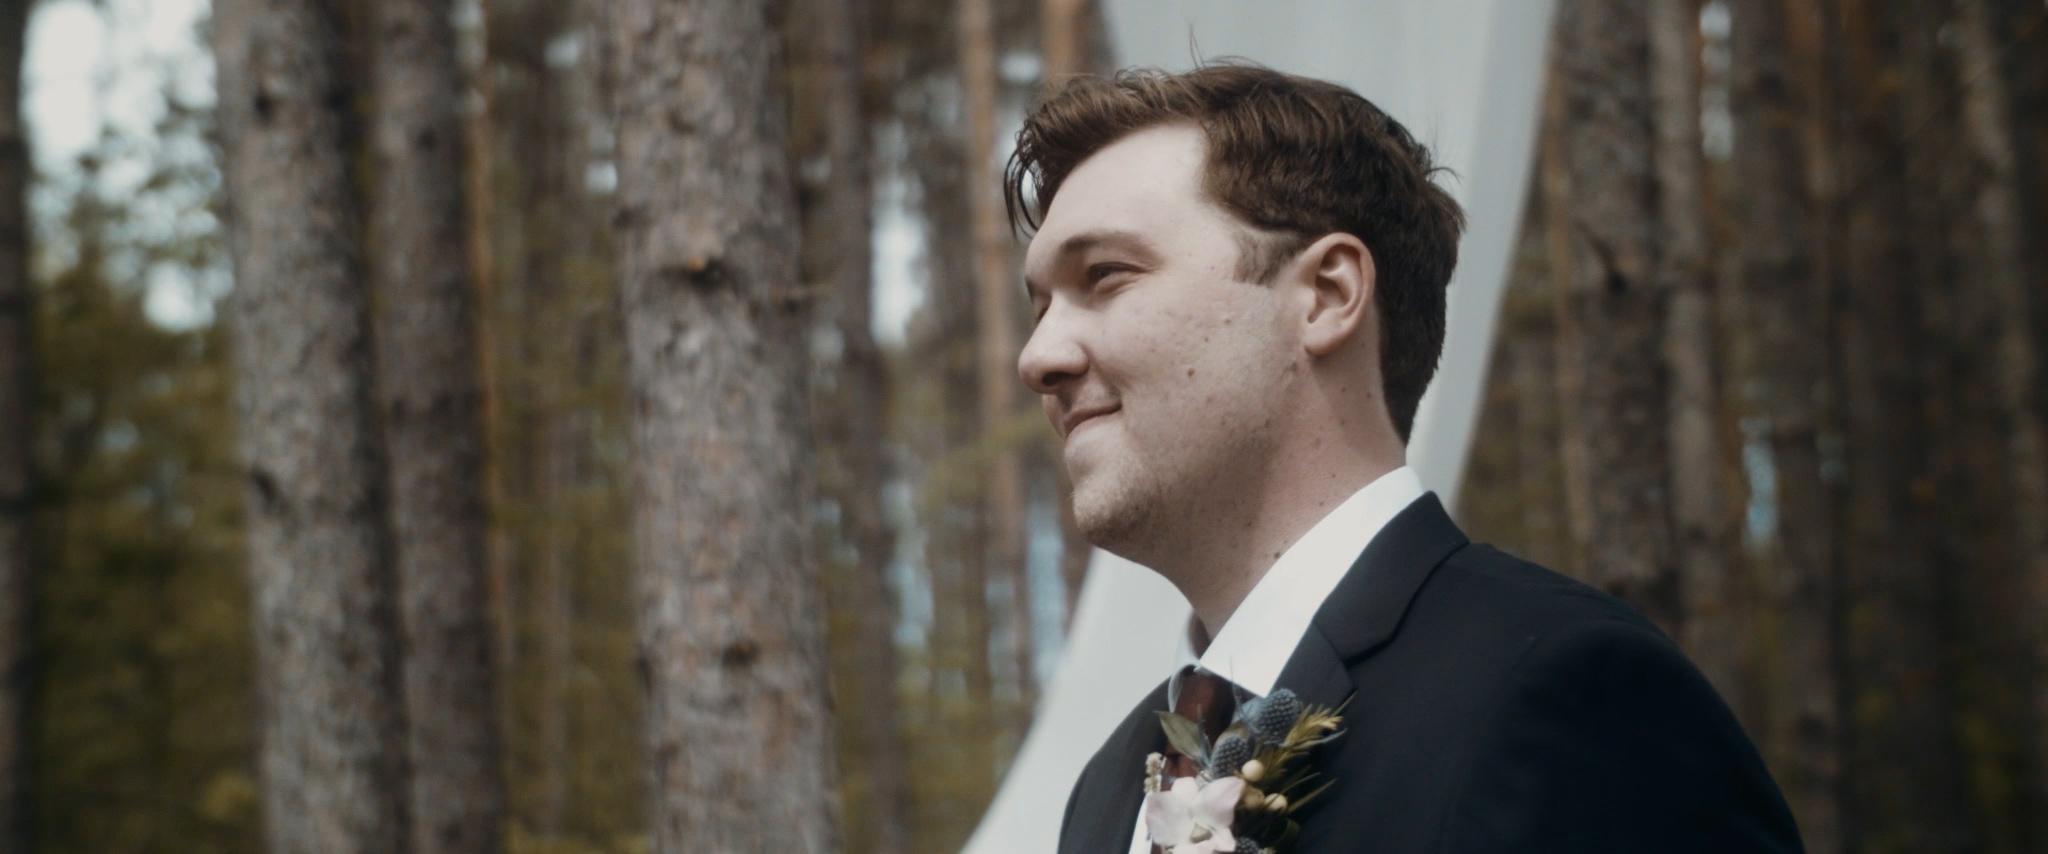 HAVENS_Wedding_Film.00_02_56_11.Still041.jpg